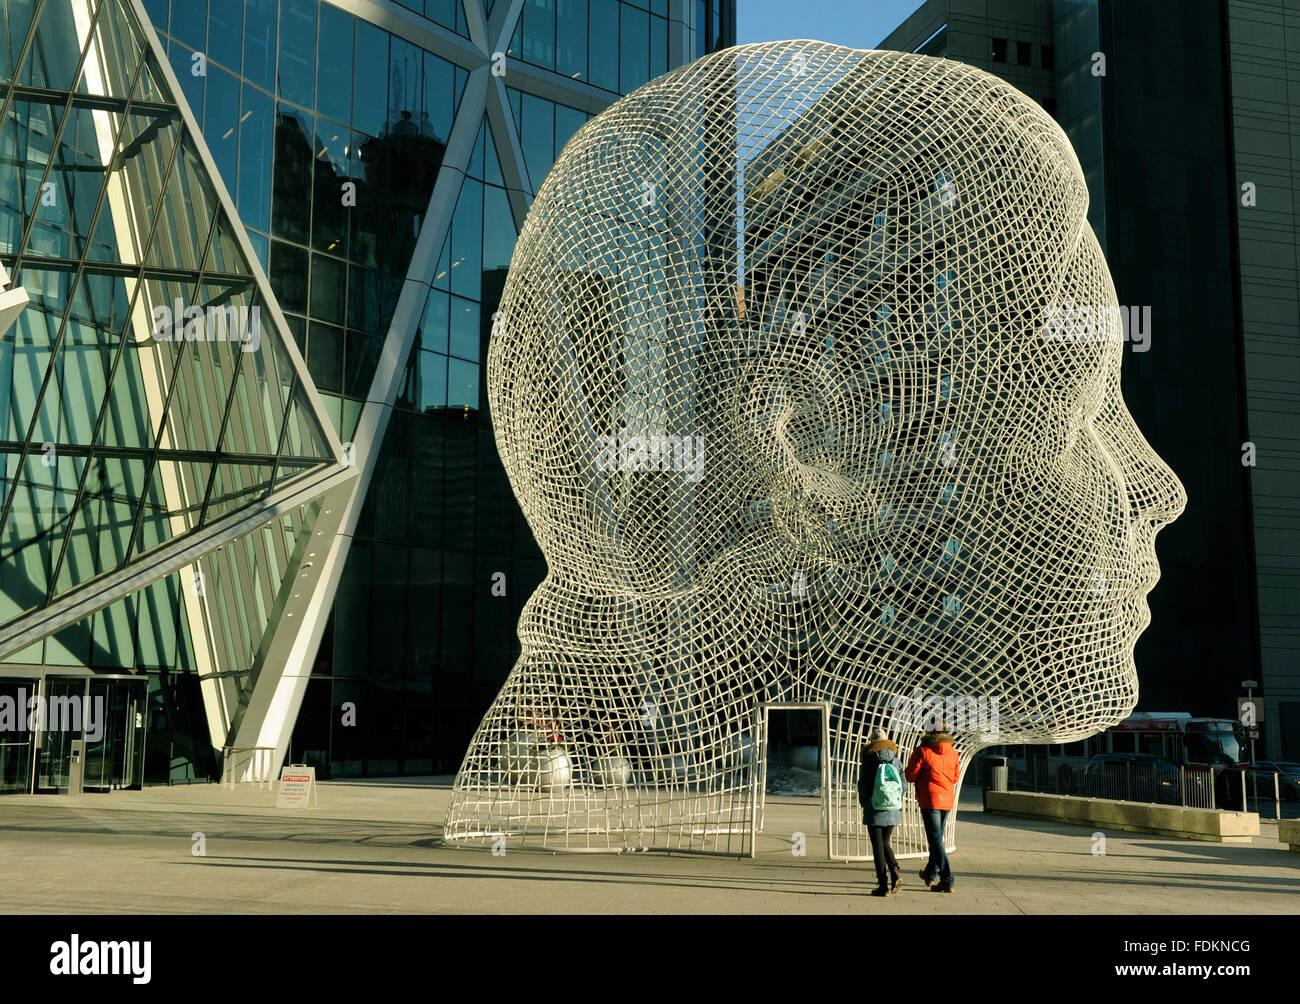 Outdoor-Skulptur des Kopfes des spanischen Künstlers Jaume Plensa, unter Bogen Gebäude, Calgary, Alberta Stockbild